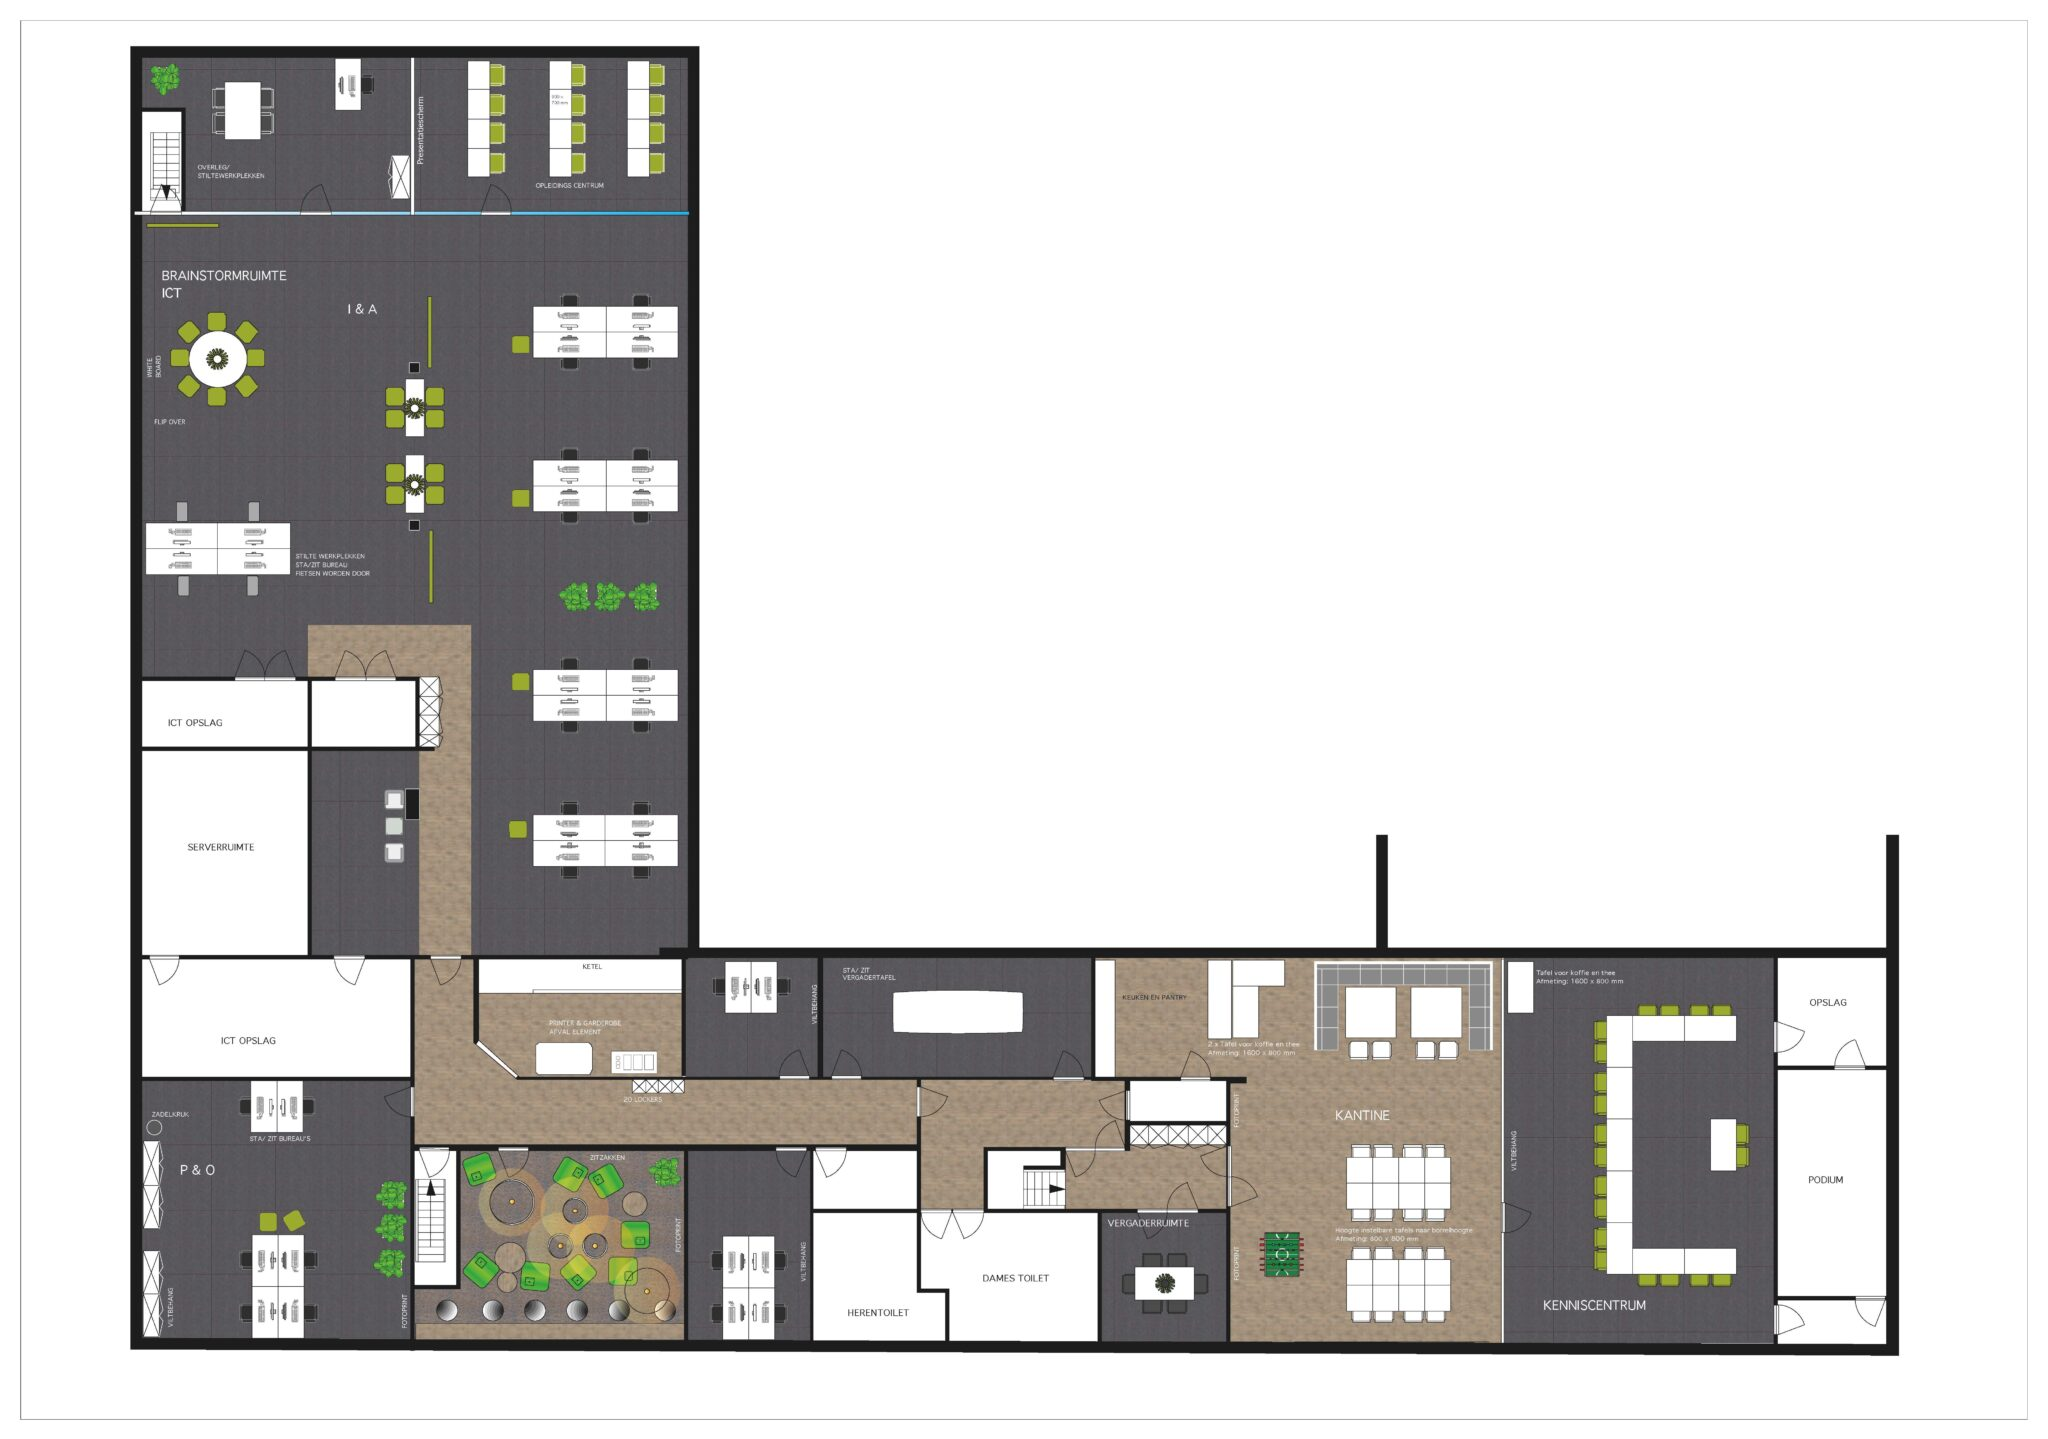 ontwerp tekening woonbron Heering Office Den Haag